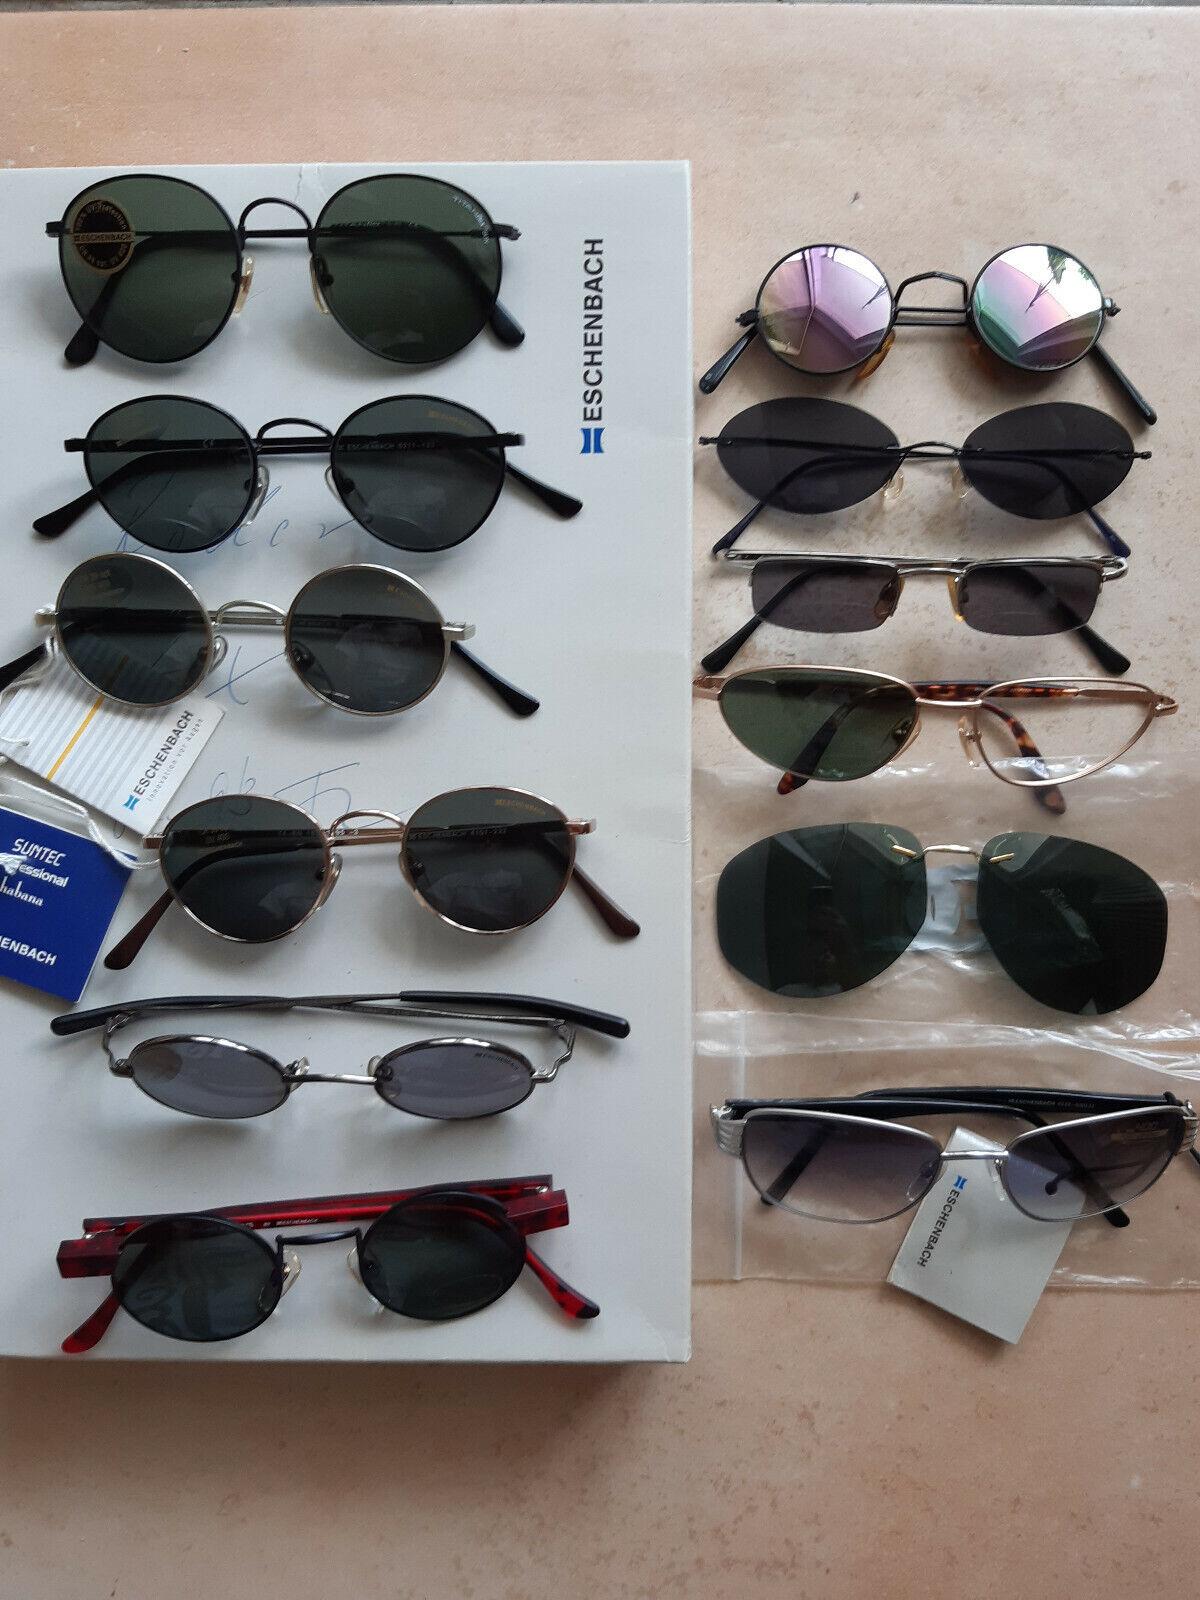 12 Stück Sonnenbrille ESCHENBACH meist neu